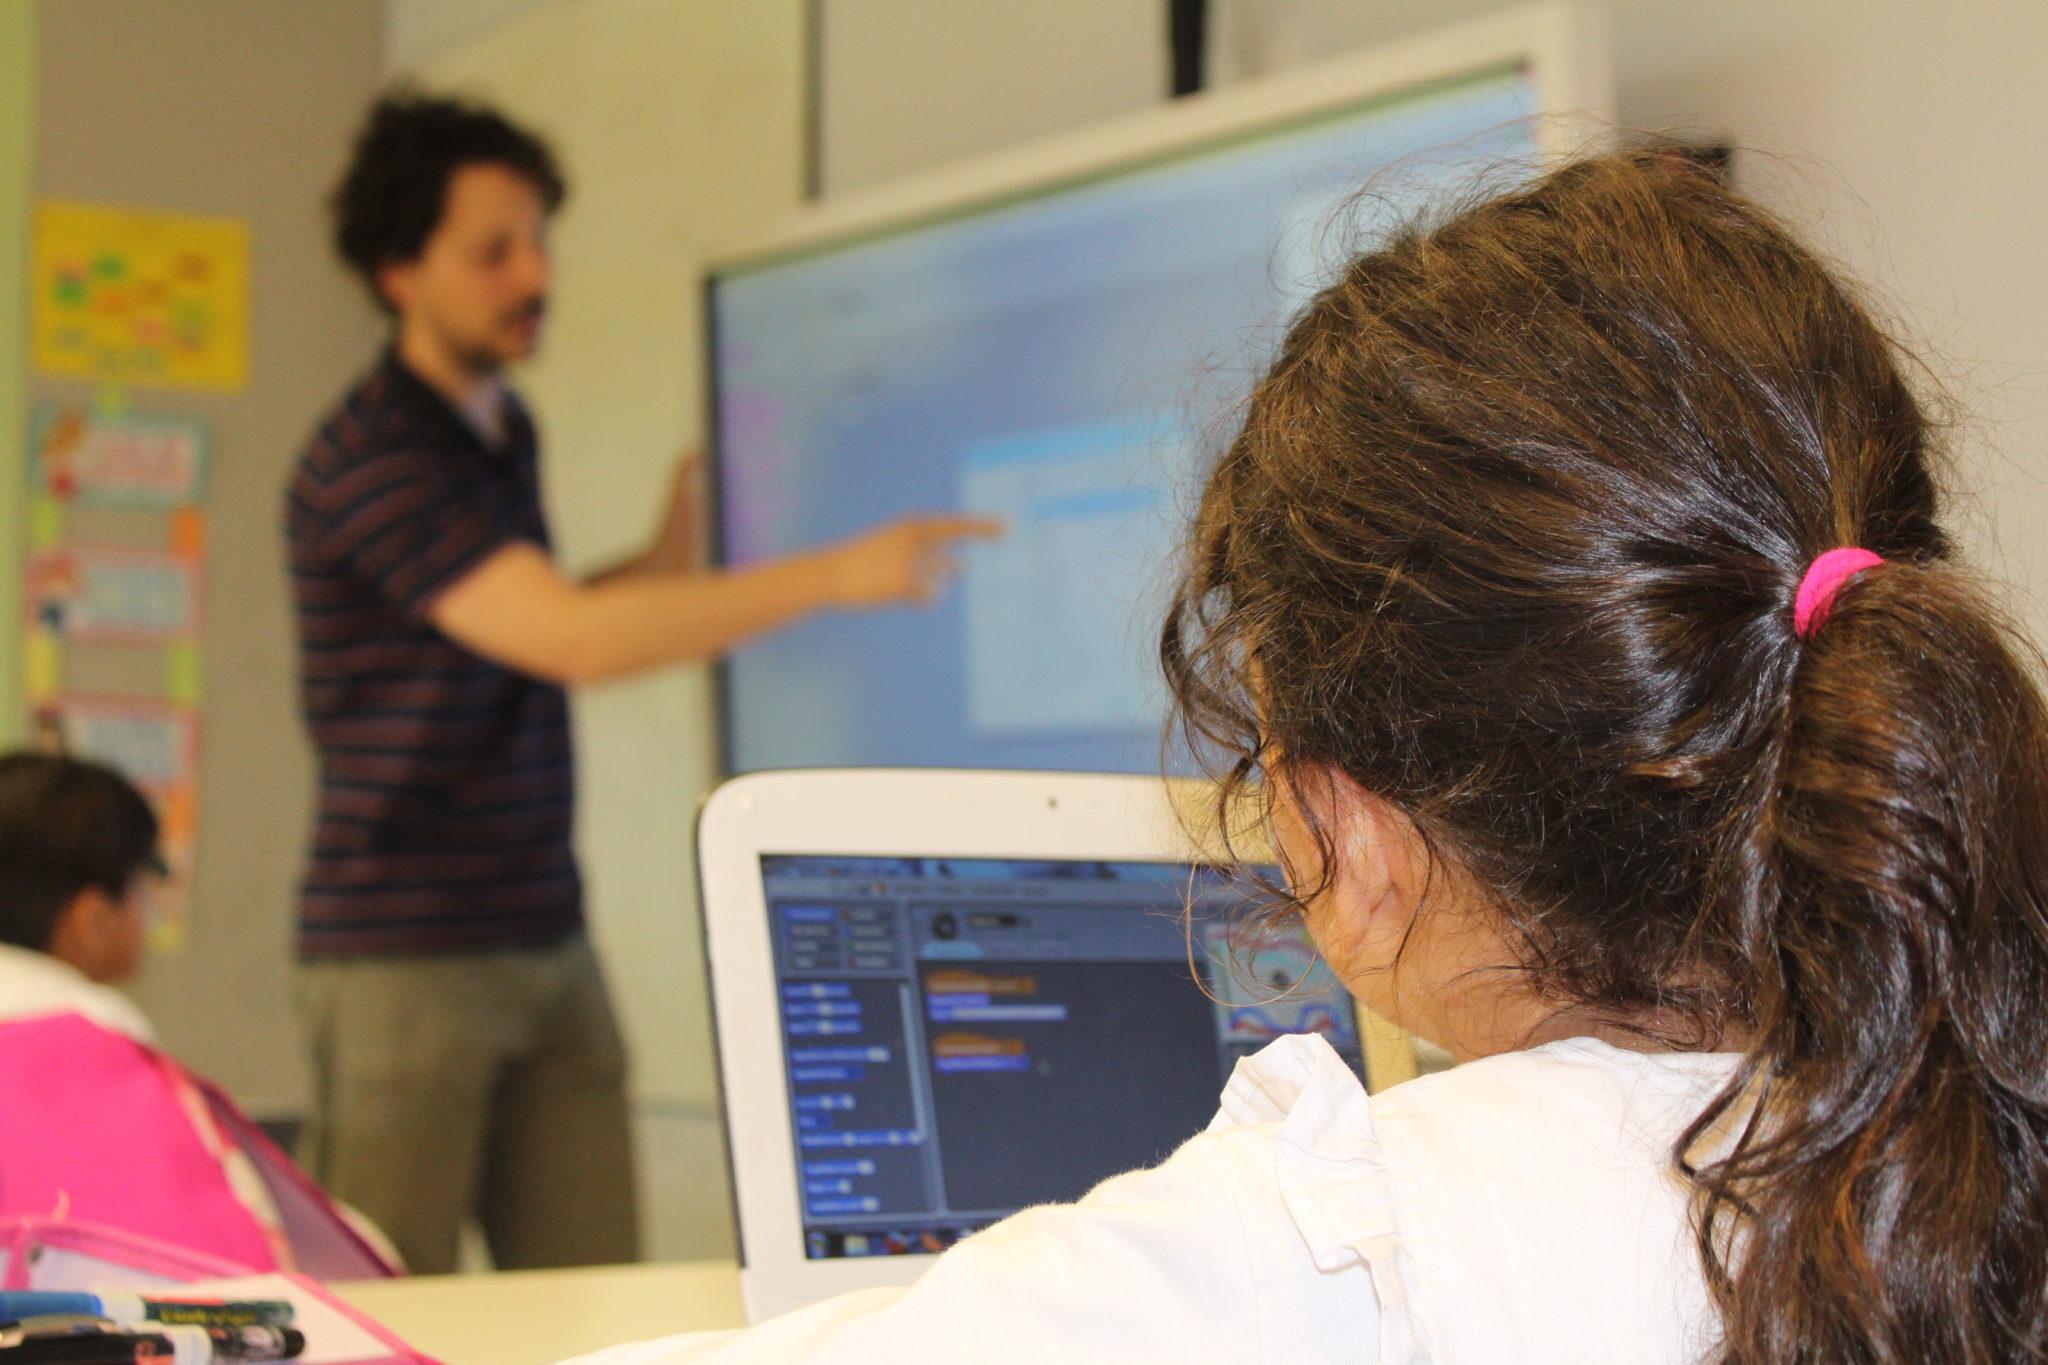 Santiago Andrés: Incorporar la escuela a la cultura digital